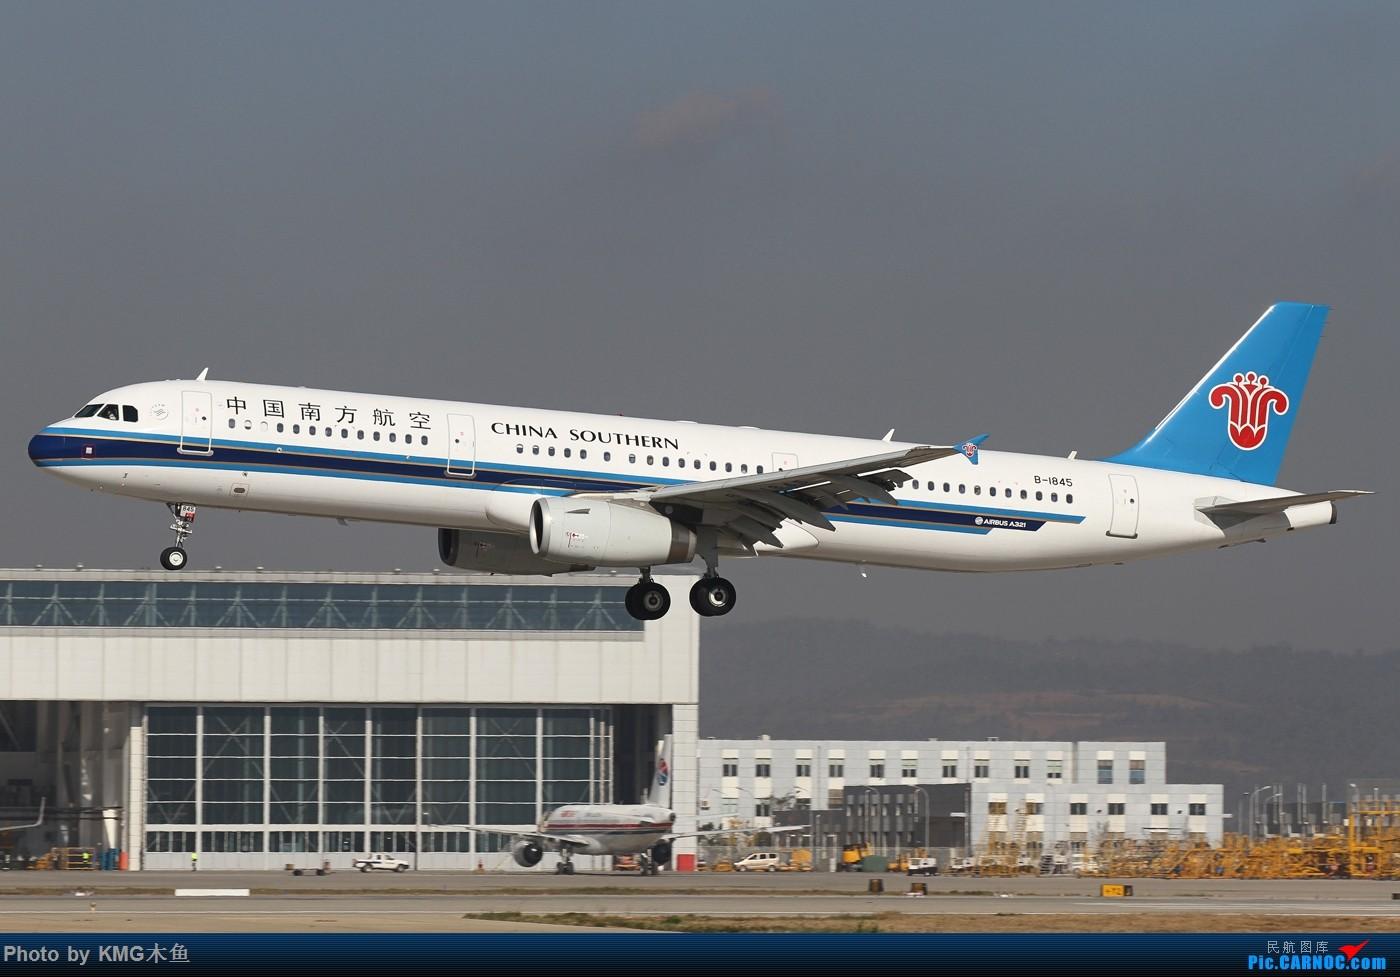 Re:[原创]【KMG昆明长水国际机场】好天气,拍到了好灰机,愉快的一天 AIRBUS A321-200 B-1845 中国昆明长水国际机场